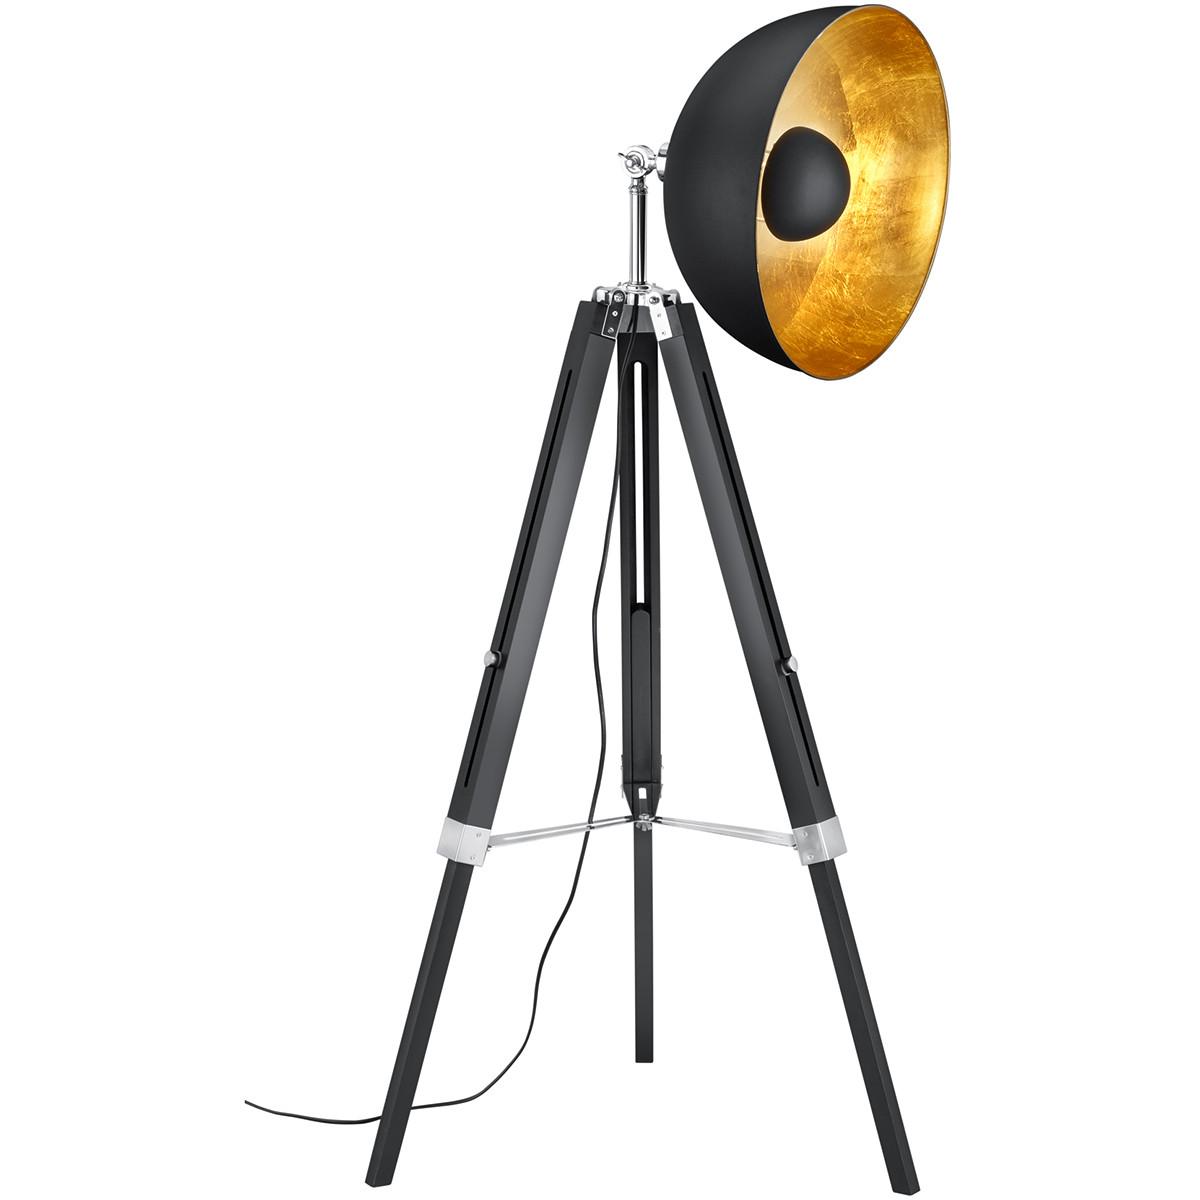 LED Vloerlamp - Trion Legie - E27 Fitting - 1-lichts - Verstelbaar - Rond - Mat Zwart - Hout/Alumini